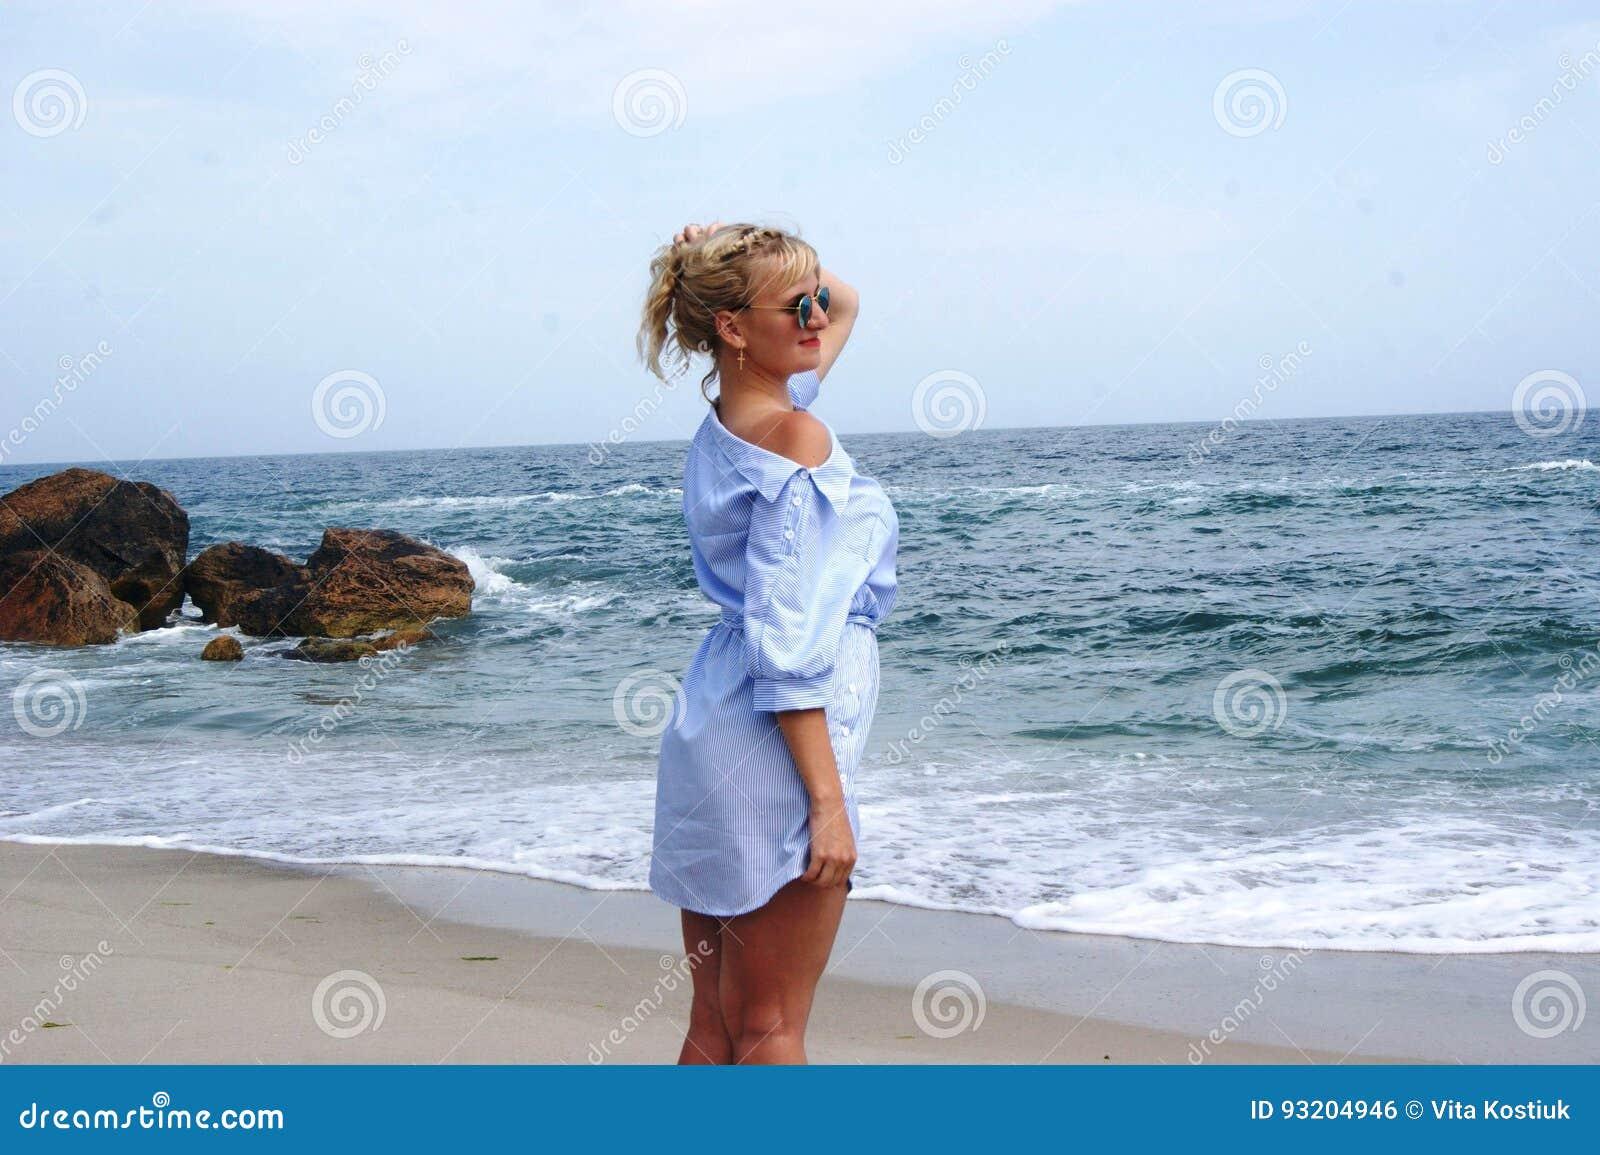 Фотографии девушек блондинок на пляже #4